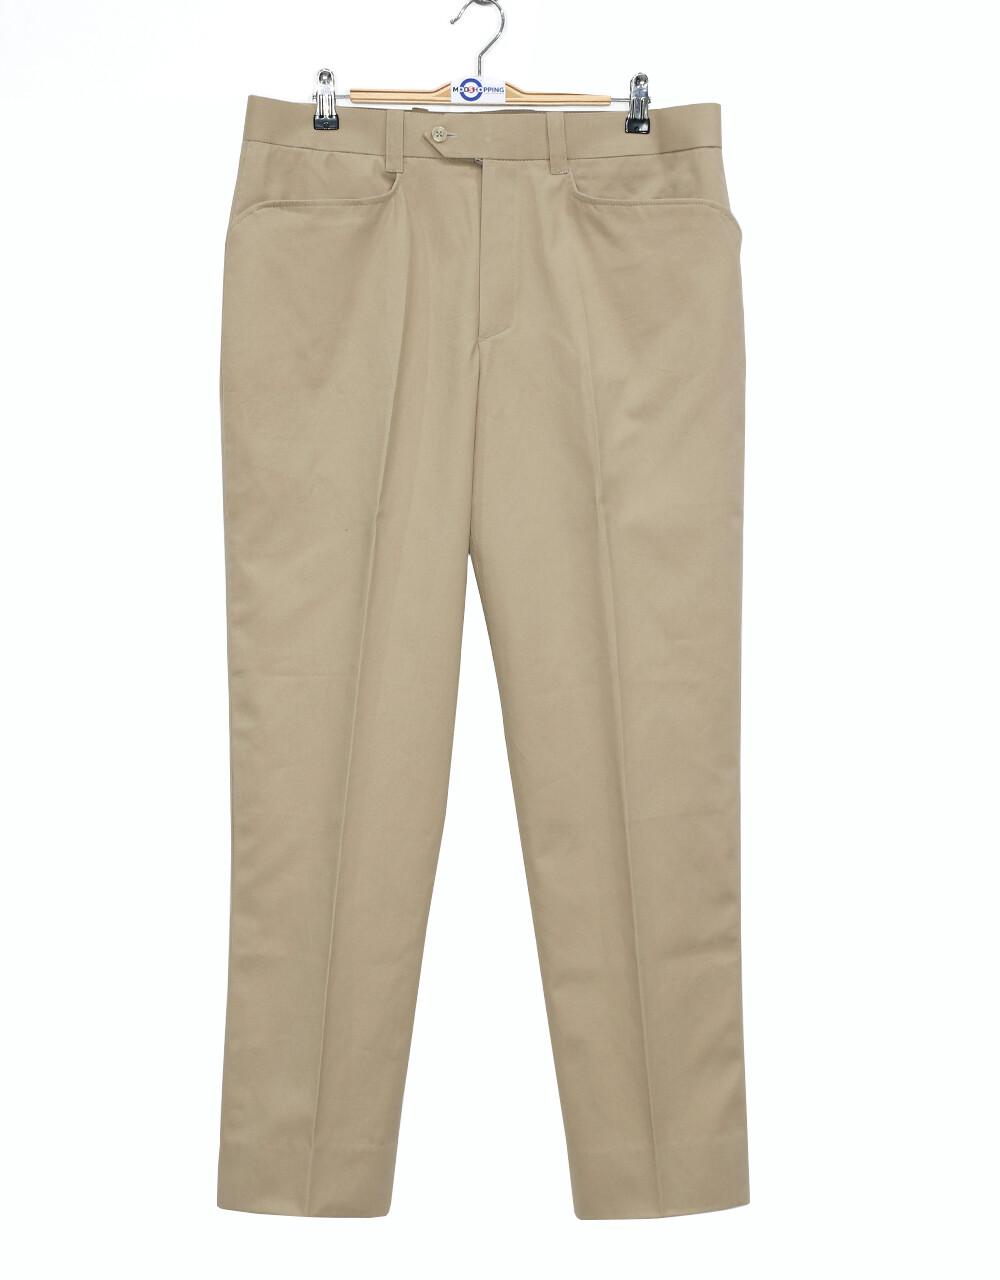 Chino Trouser   60s Vintage Style Khaki Trouser